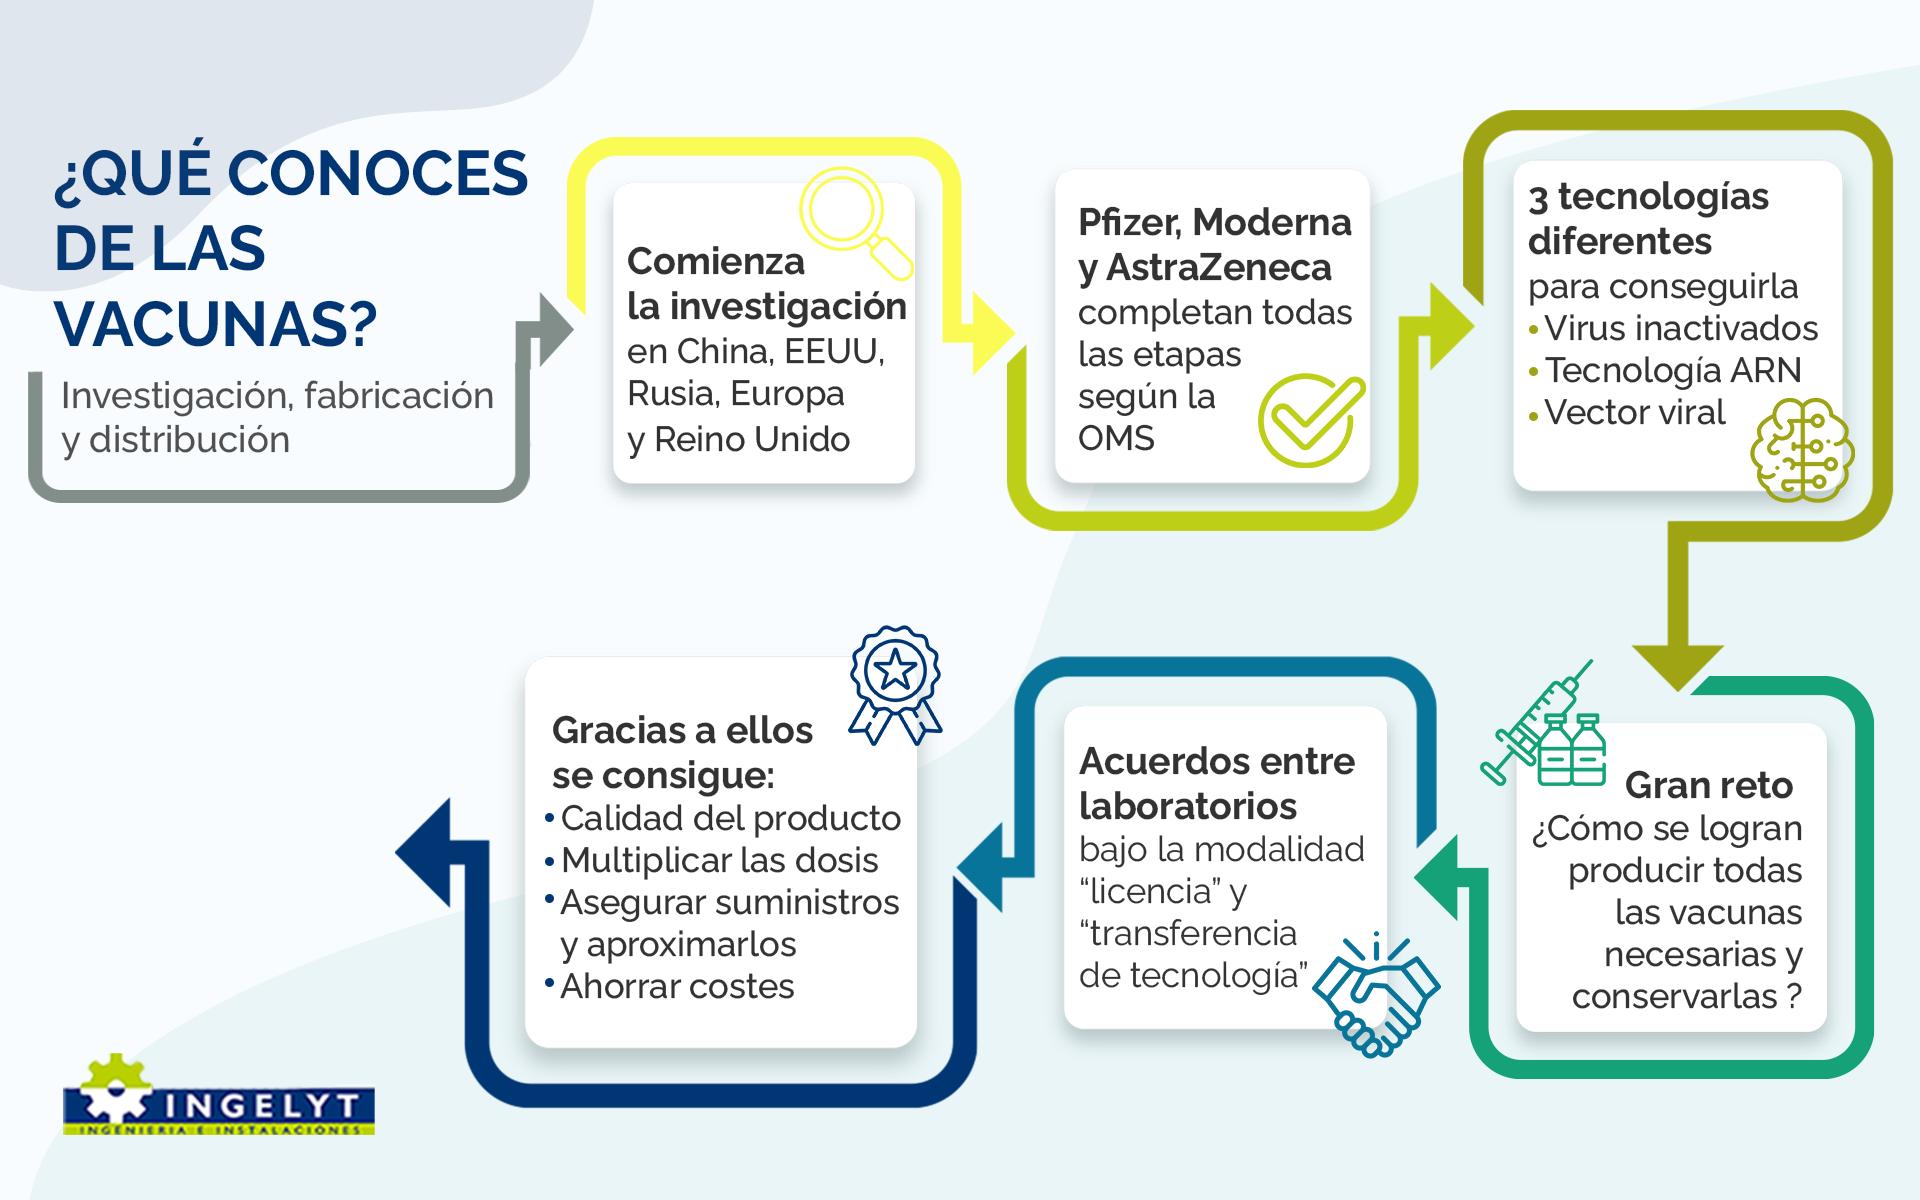 Fabricación, producción y distribución de las vacunas Covid19